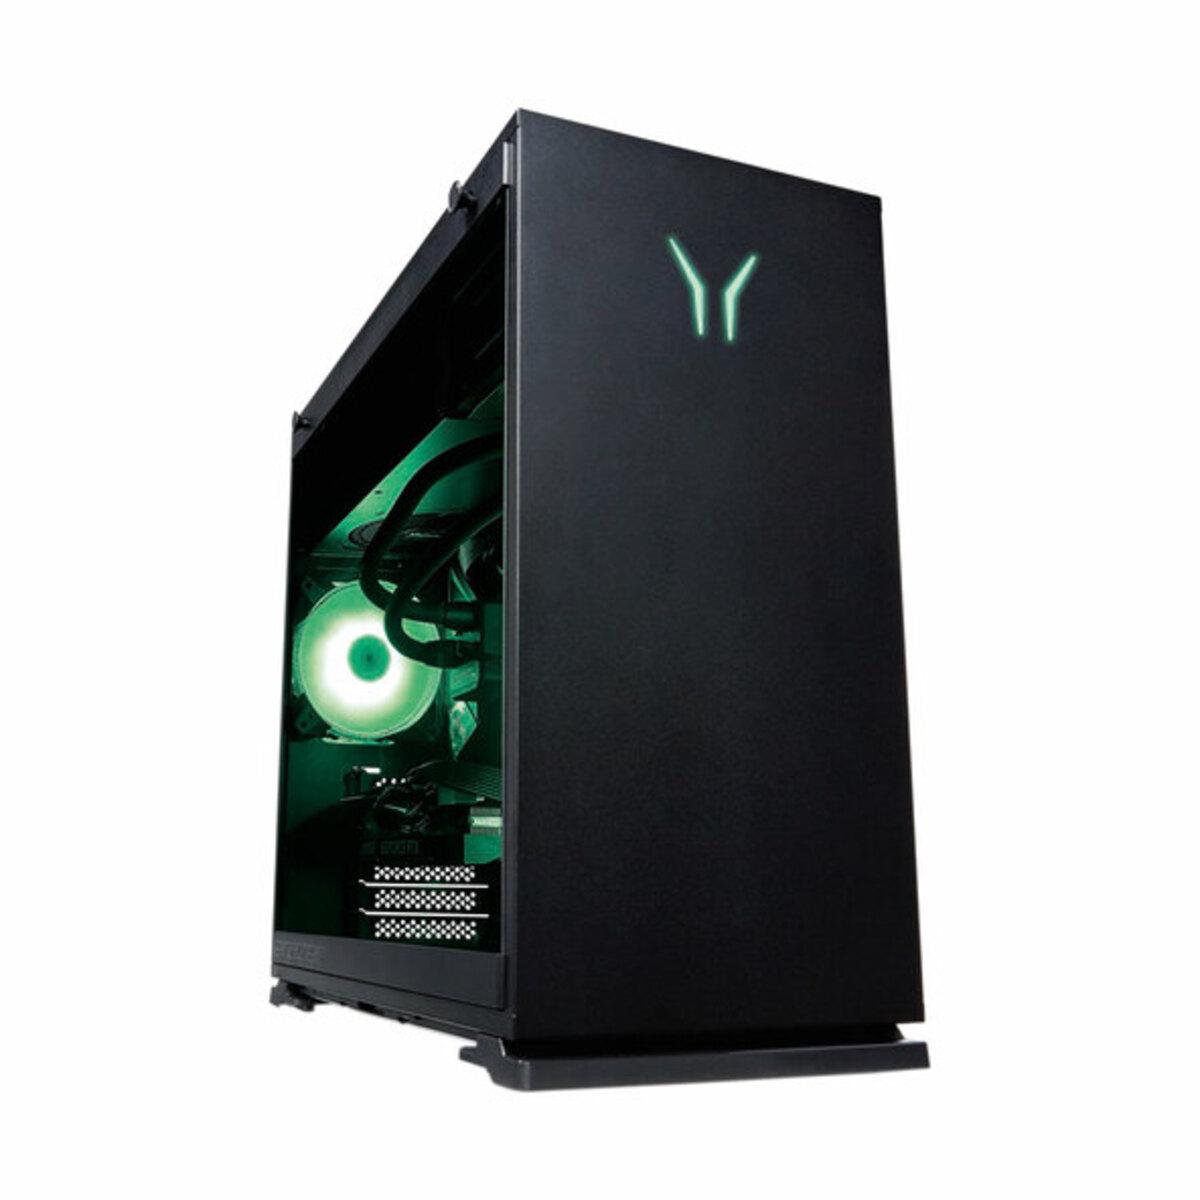 Bild 4 von High-End-Gaming-PC Hunter X20 (MD34595)